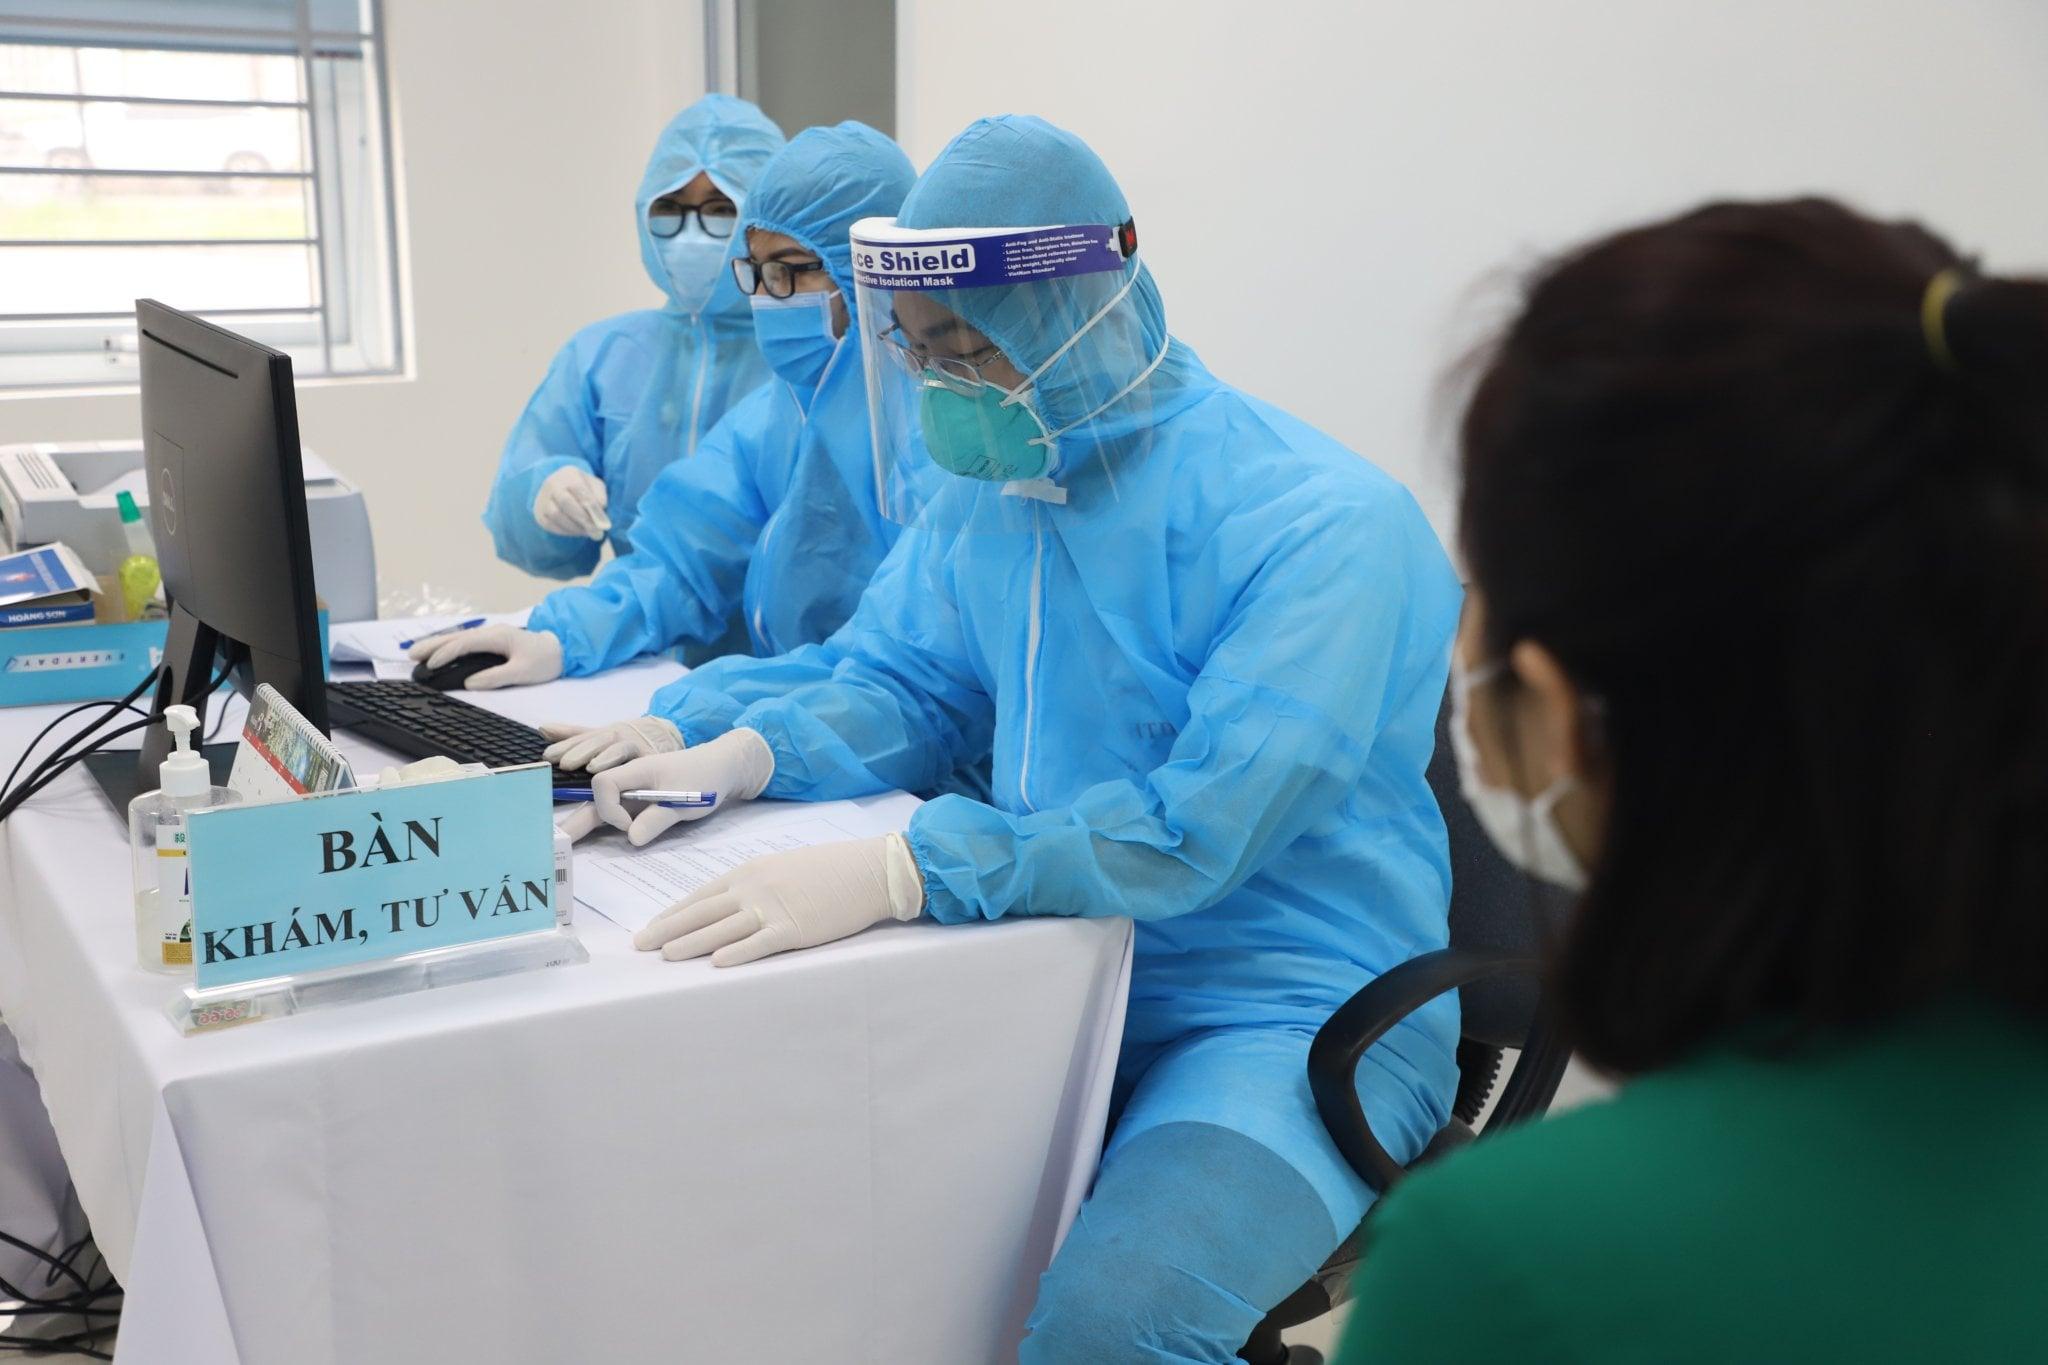 6.251 người ở Hà Nội được tiêm vắc xin COVID-19, sức khỏe bình thường - Ảnh 1.